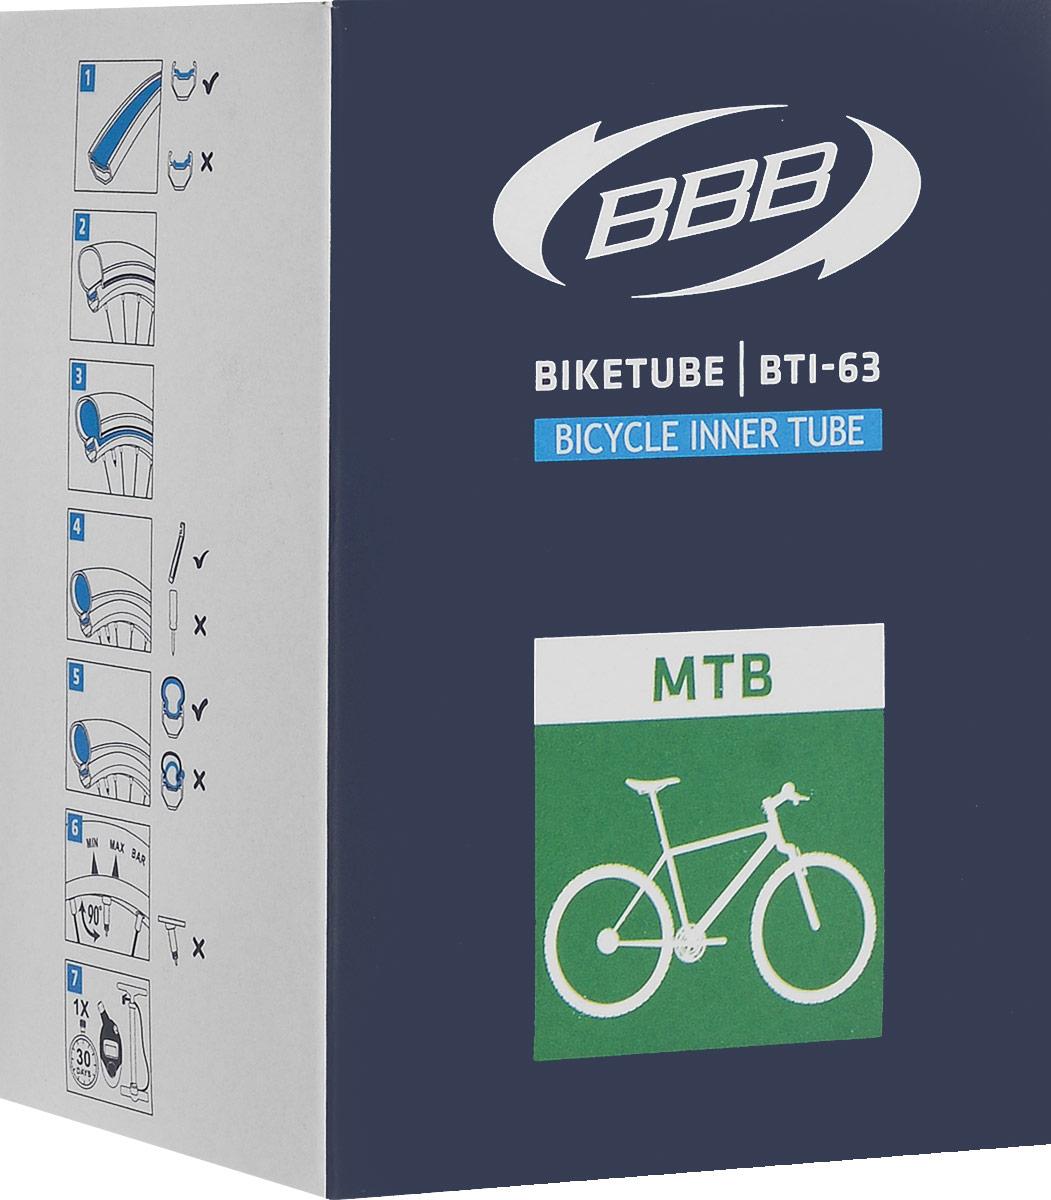 Камера велосипедная BBB, диаметр 26BTI-63Камера BBB изготовлена из долговечного резинового компаунда. Никаких швов, которые могут пропускать воздух. Достаточно большая для защиты от проколов и достаточно небольшая для снижения веса. Велосипедные камеры - обязательный атрибут каждого велосипедиста! Никогда не выезжайте из дома на велосипеде, не взяв с собой запасную велосипедную шину!Диаметр колеса: 26.Допустимый размер сечения покрышки: 1,9-2,125.Ниппель: F/V-60 мм.Толщина стенки: 0,87 мм. Категория: универсальная.